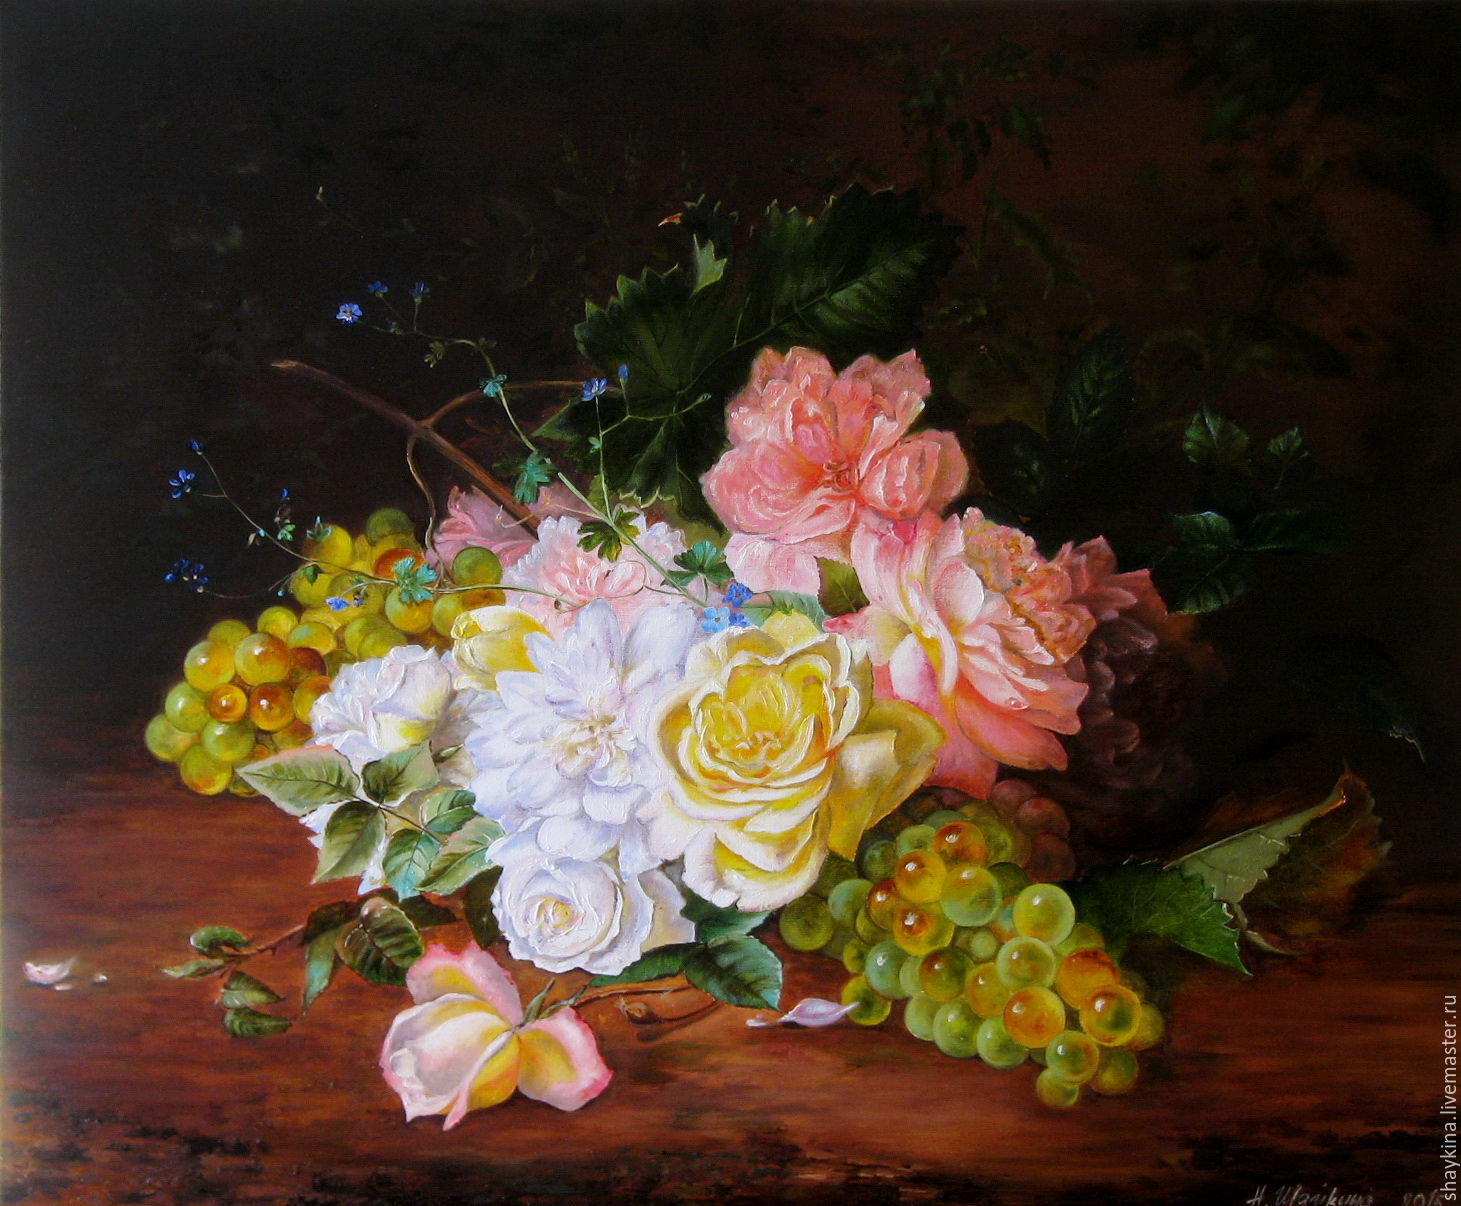 Картина маслом на холсте на подрамнике Розы и виноград голландия, Картины, Сыктывкар, Фото №1